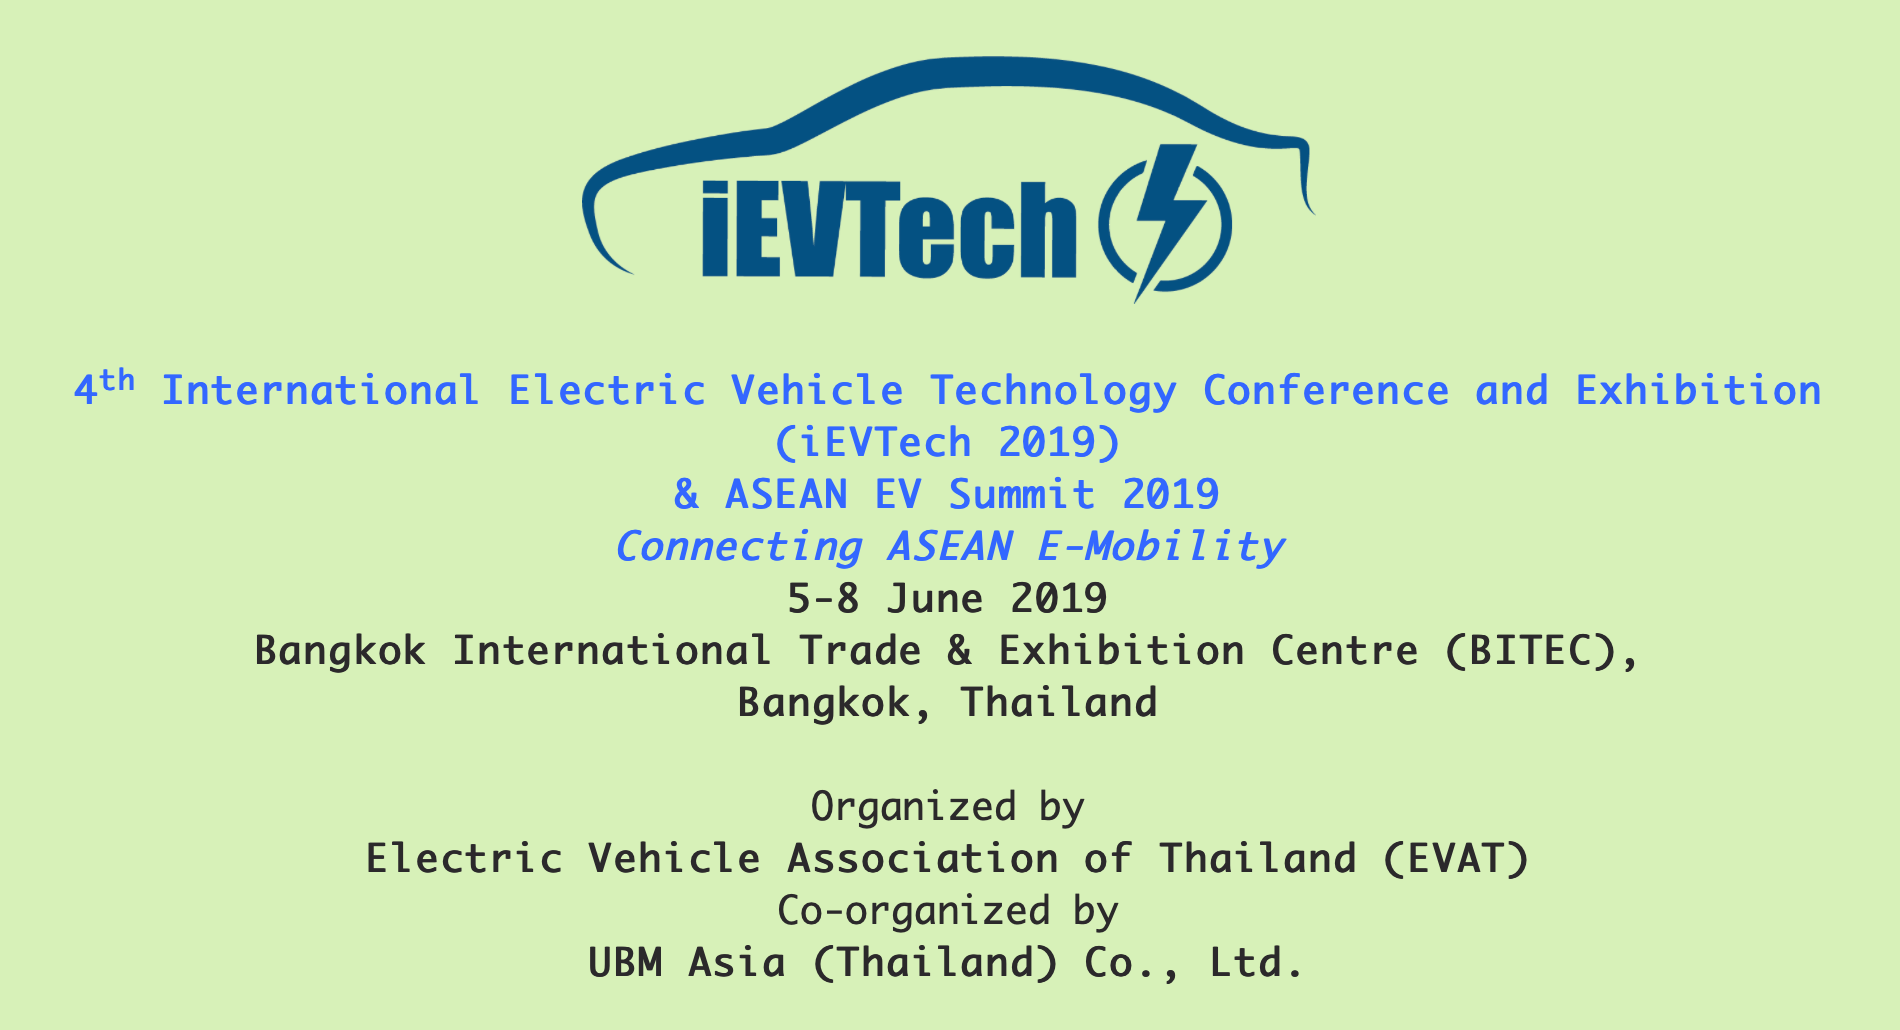 ขอเชิญเข้าร่วมงาน iEVTech 2019 & ASEAN EV Summit 2019